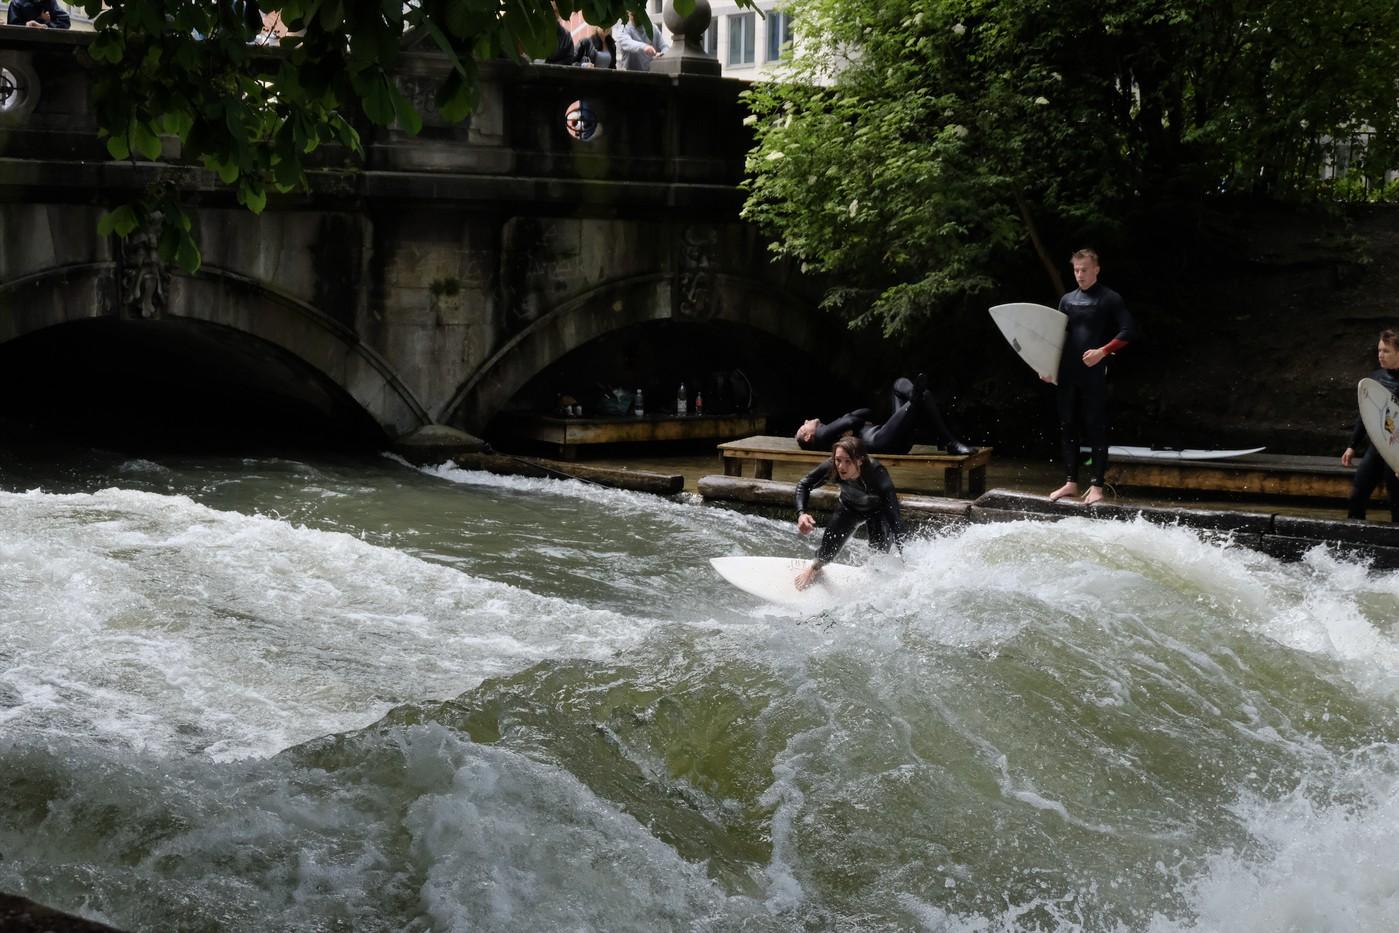 Мюнхен понравился-зеленый (не зеленее Ханчжоу, но это высокая планка), компактный, недалеко от Альп, в центре можно серфить в речке!